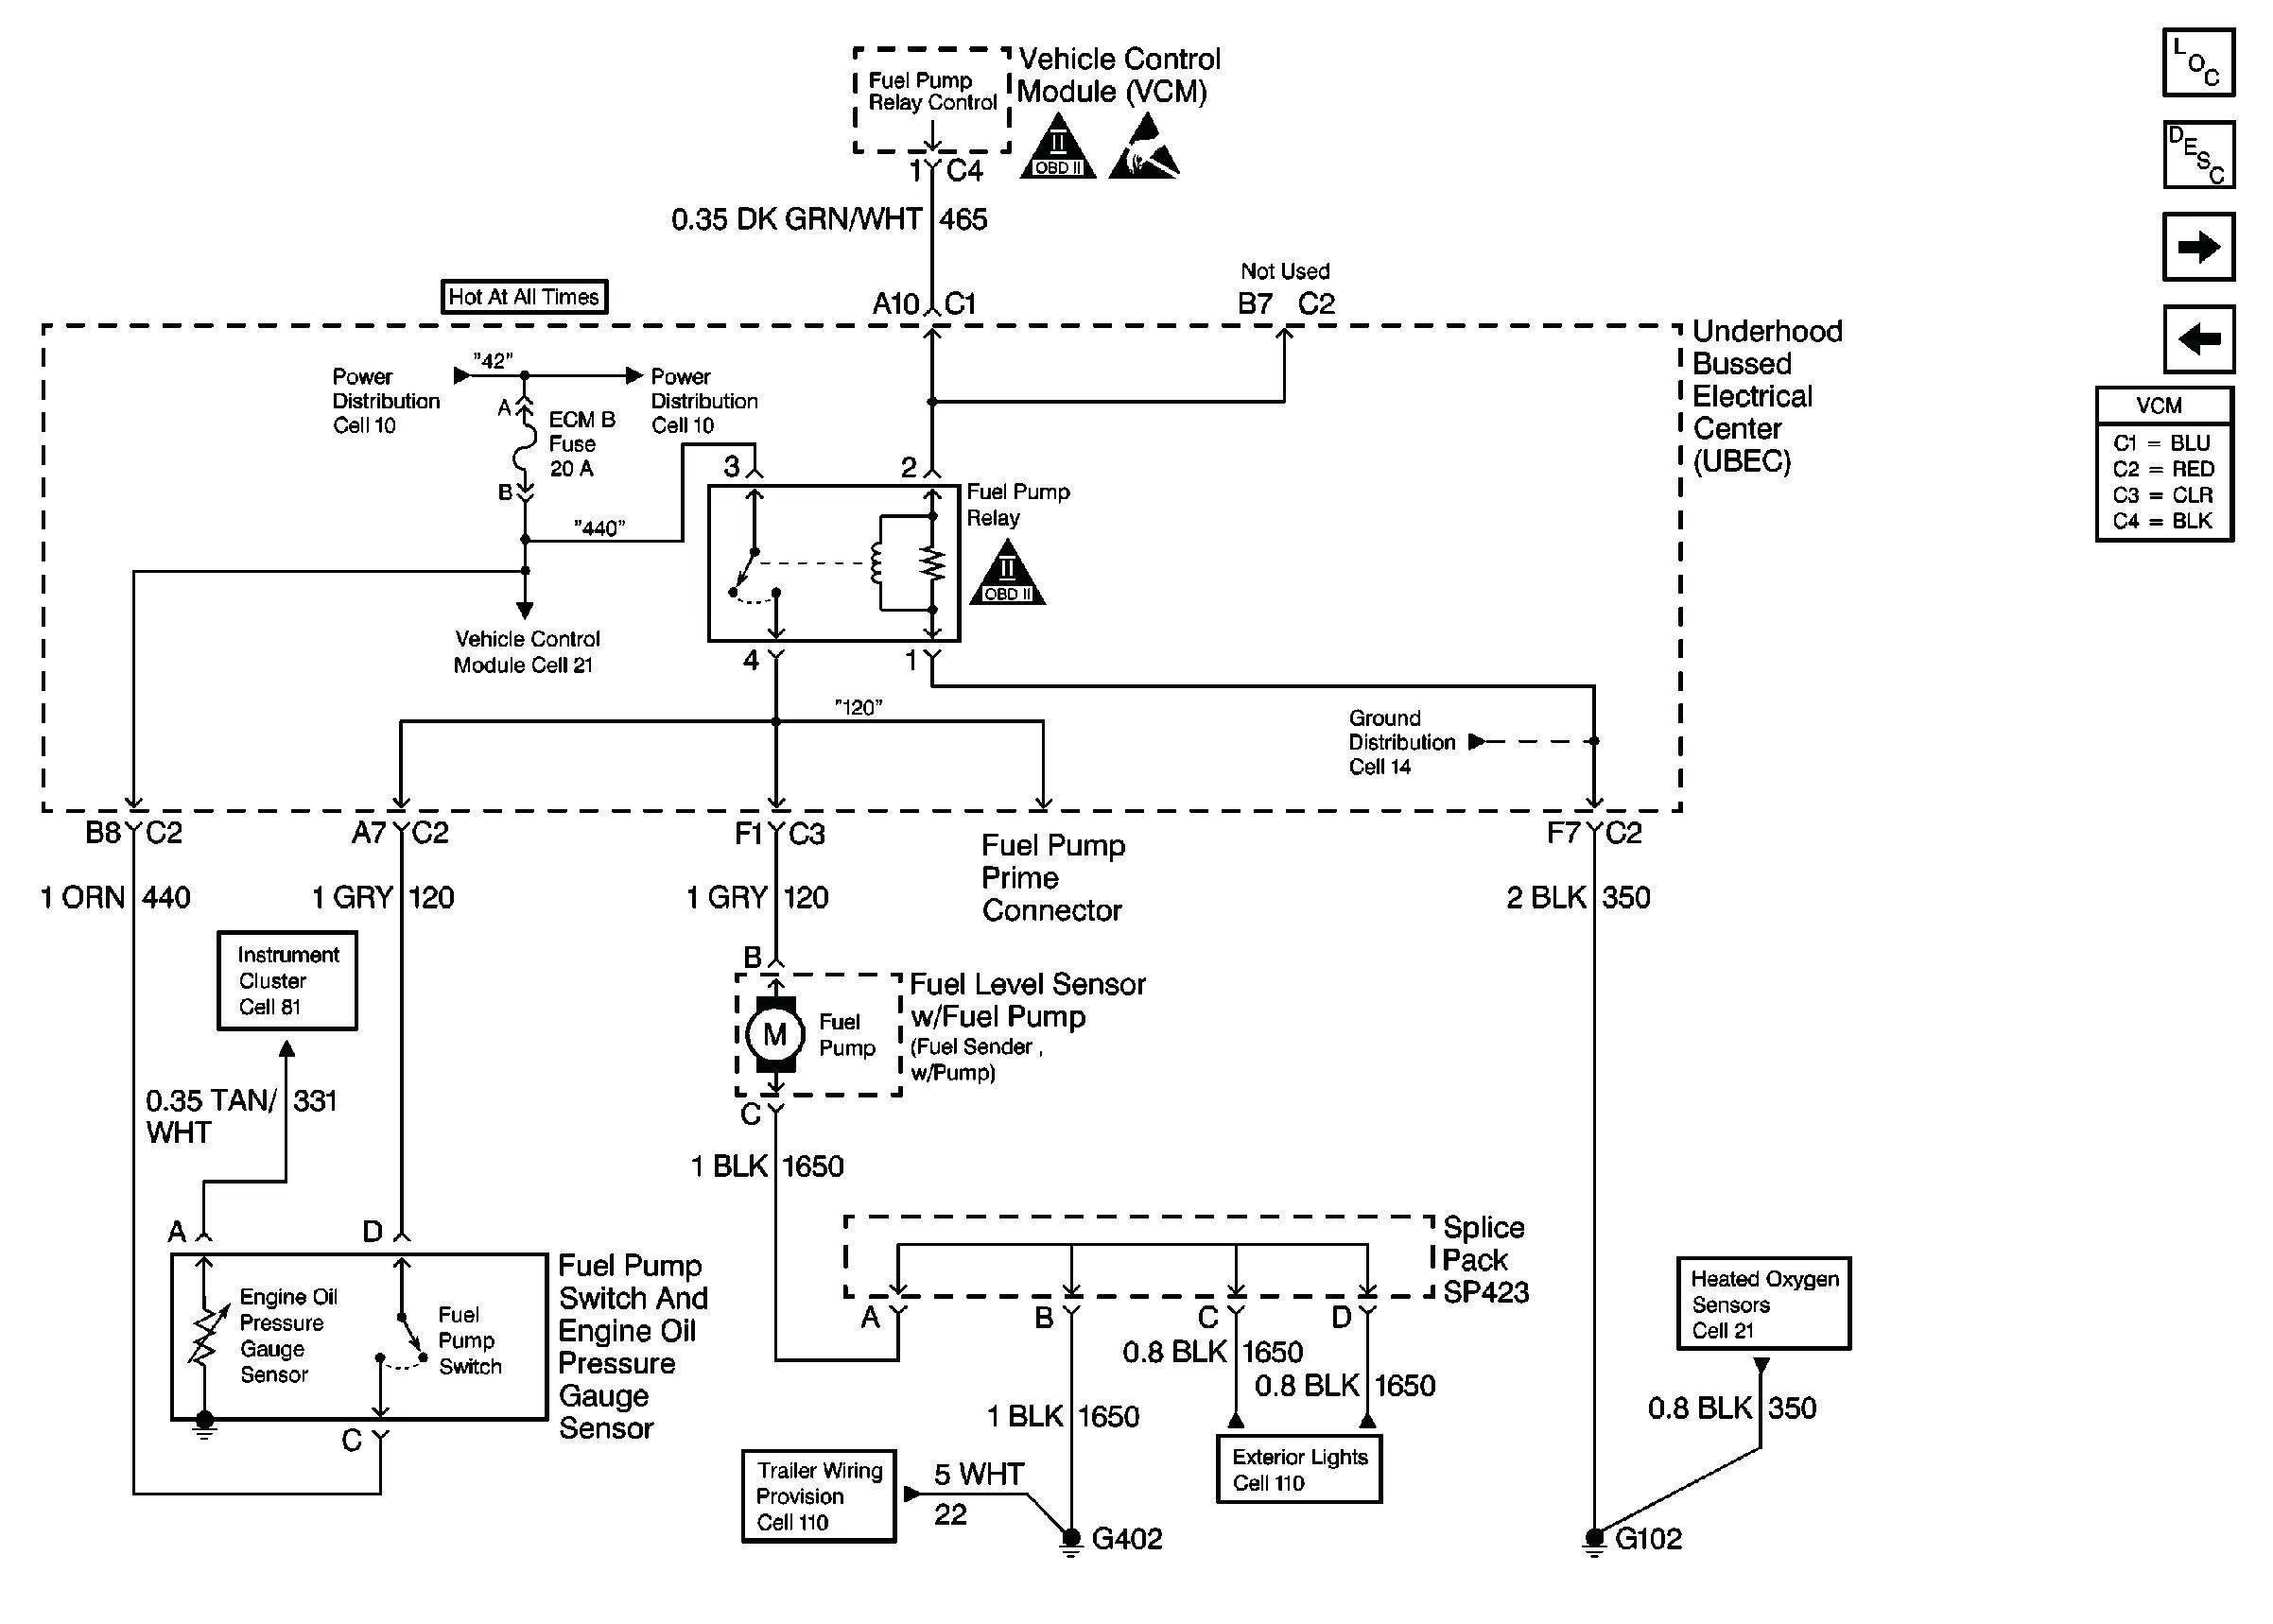 S10 Fuel Pump Wiring Diagram | Schematic Diagram - 1995 Chevy Silverado Wiring Diagram